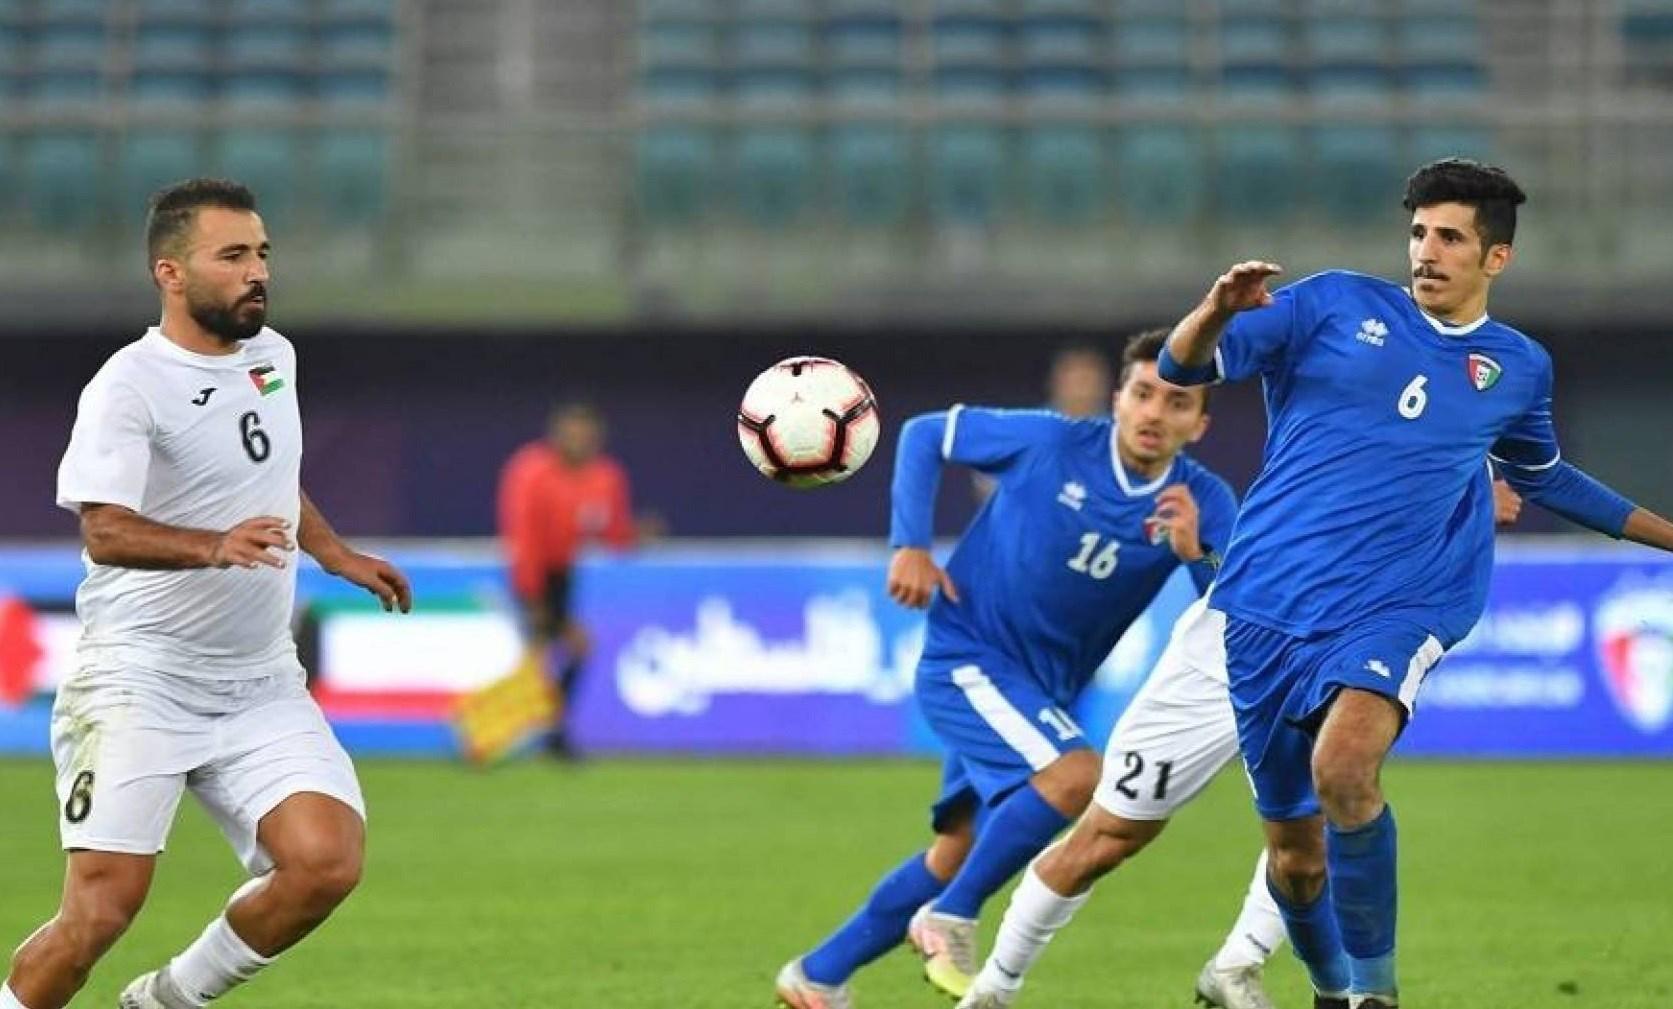 الفوز الأول لمنتخب فلسطين على الكويت